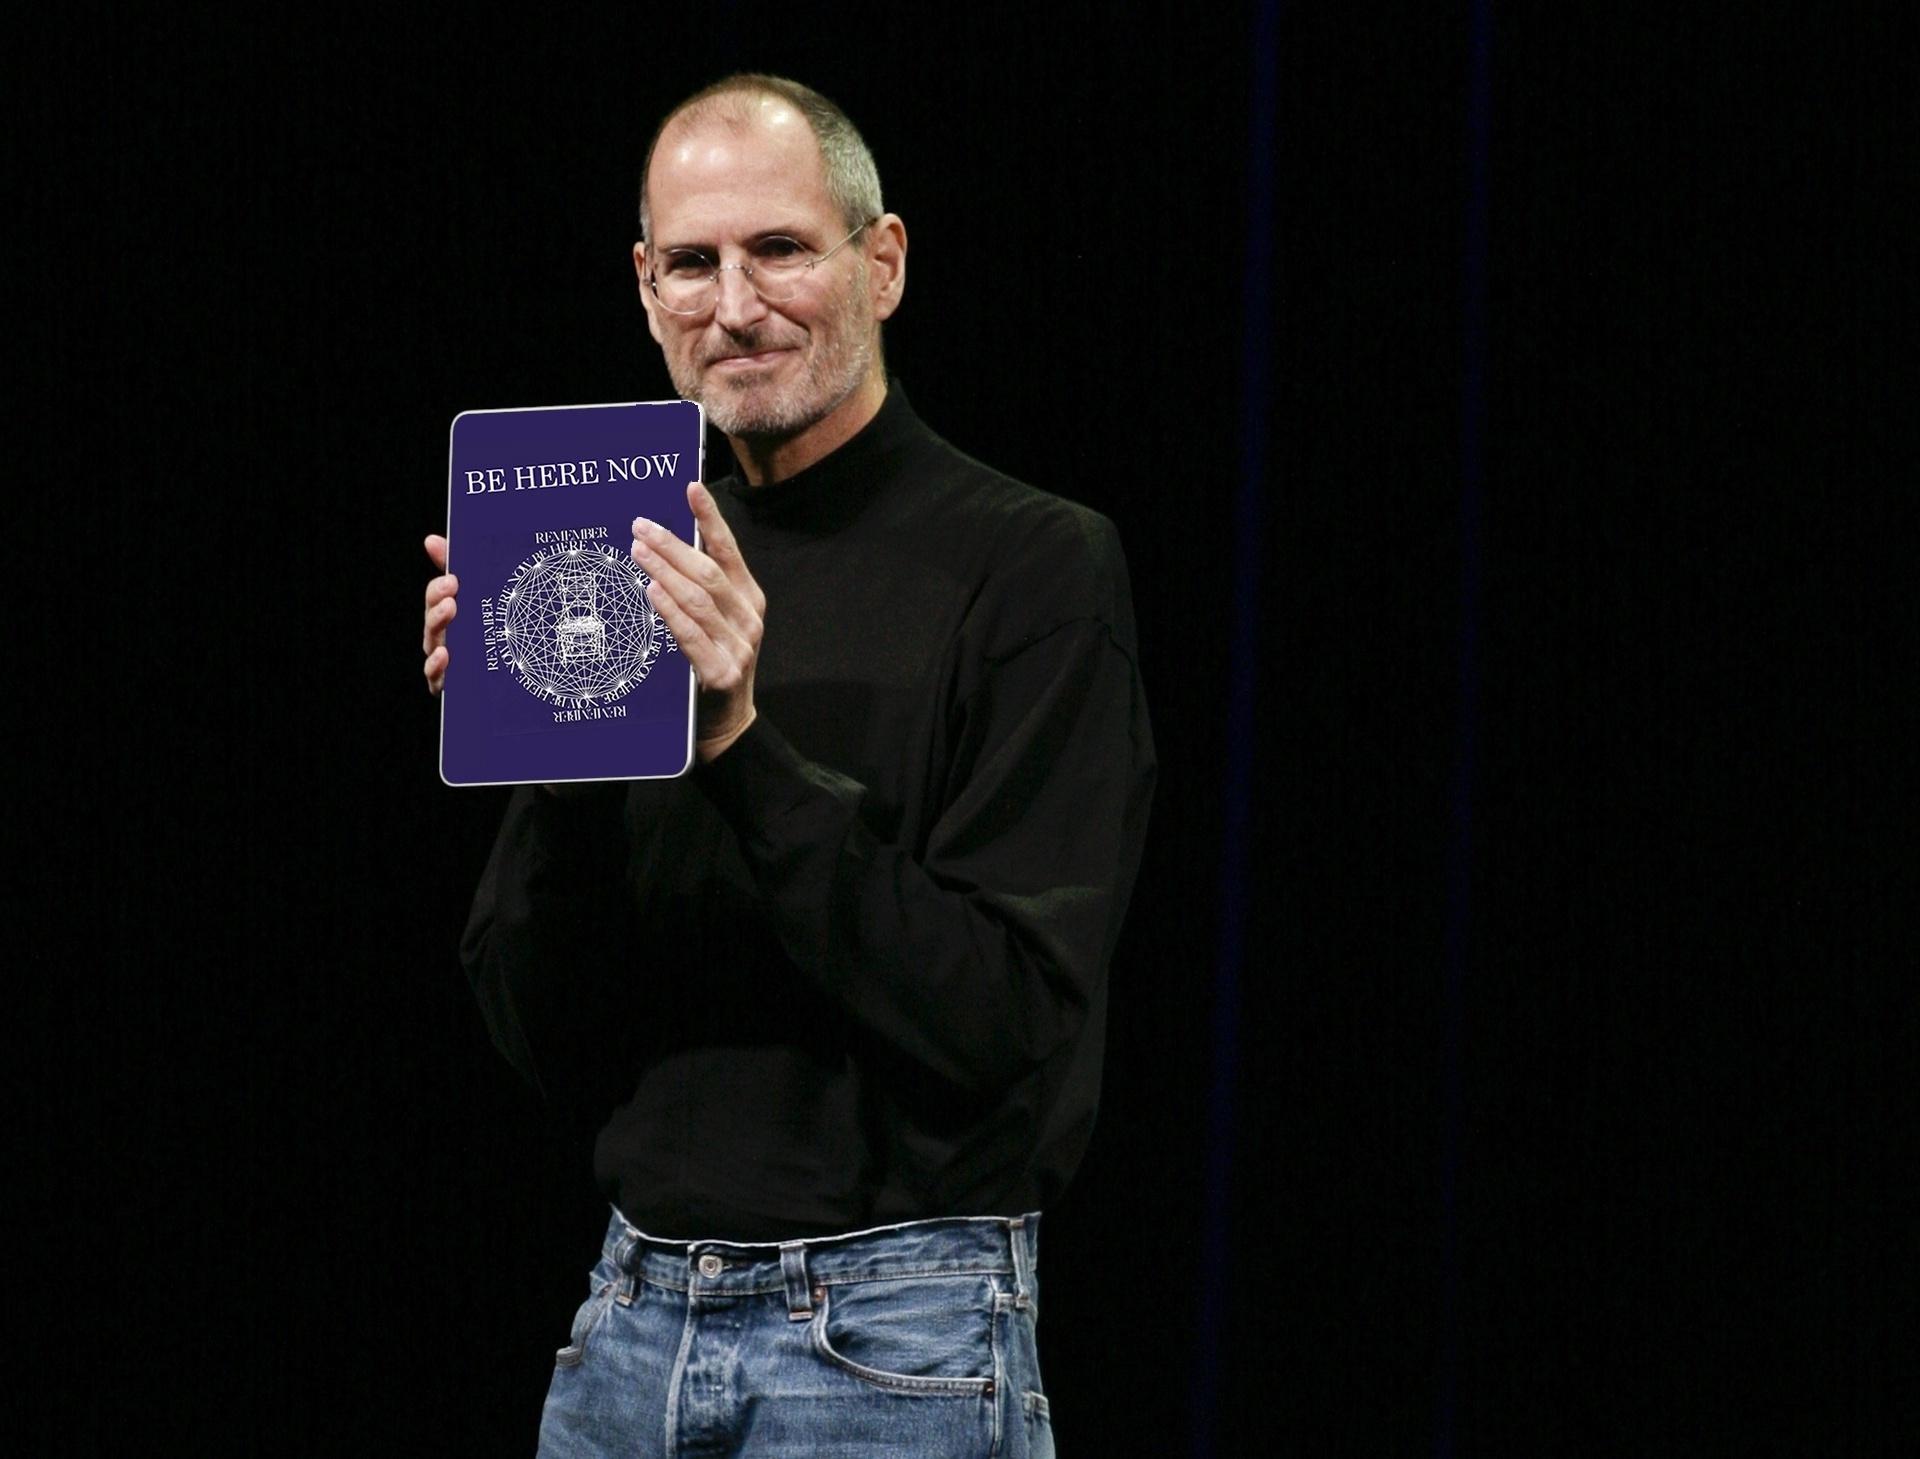 ee4e2de9fc7 Guia de meditação e biografia: os livros prediletos dos gurus da tecnologia  - 03/01/2018 - UOL Tecnologia